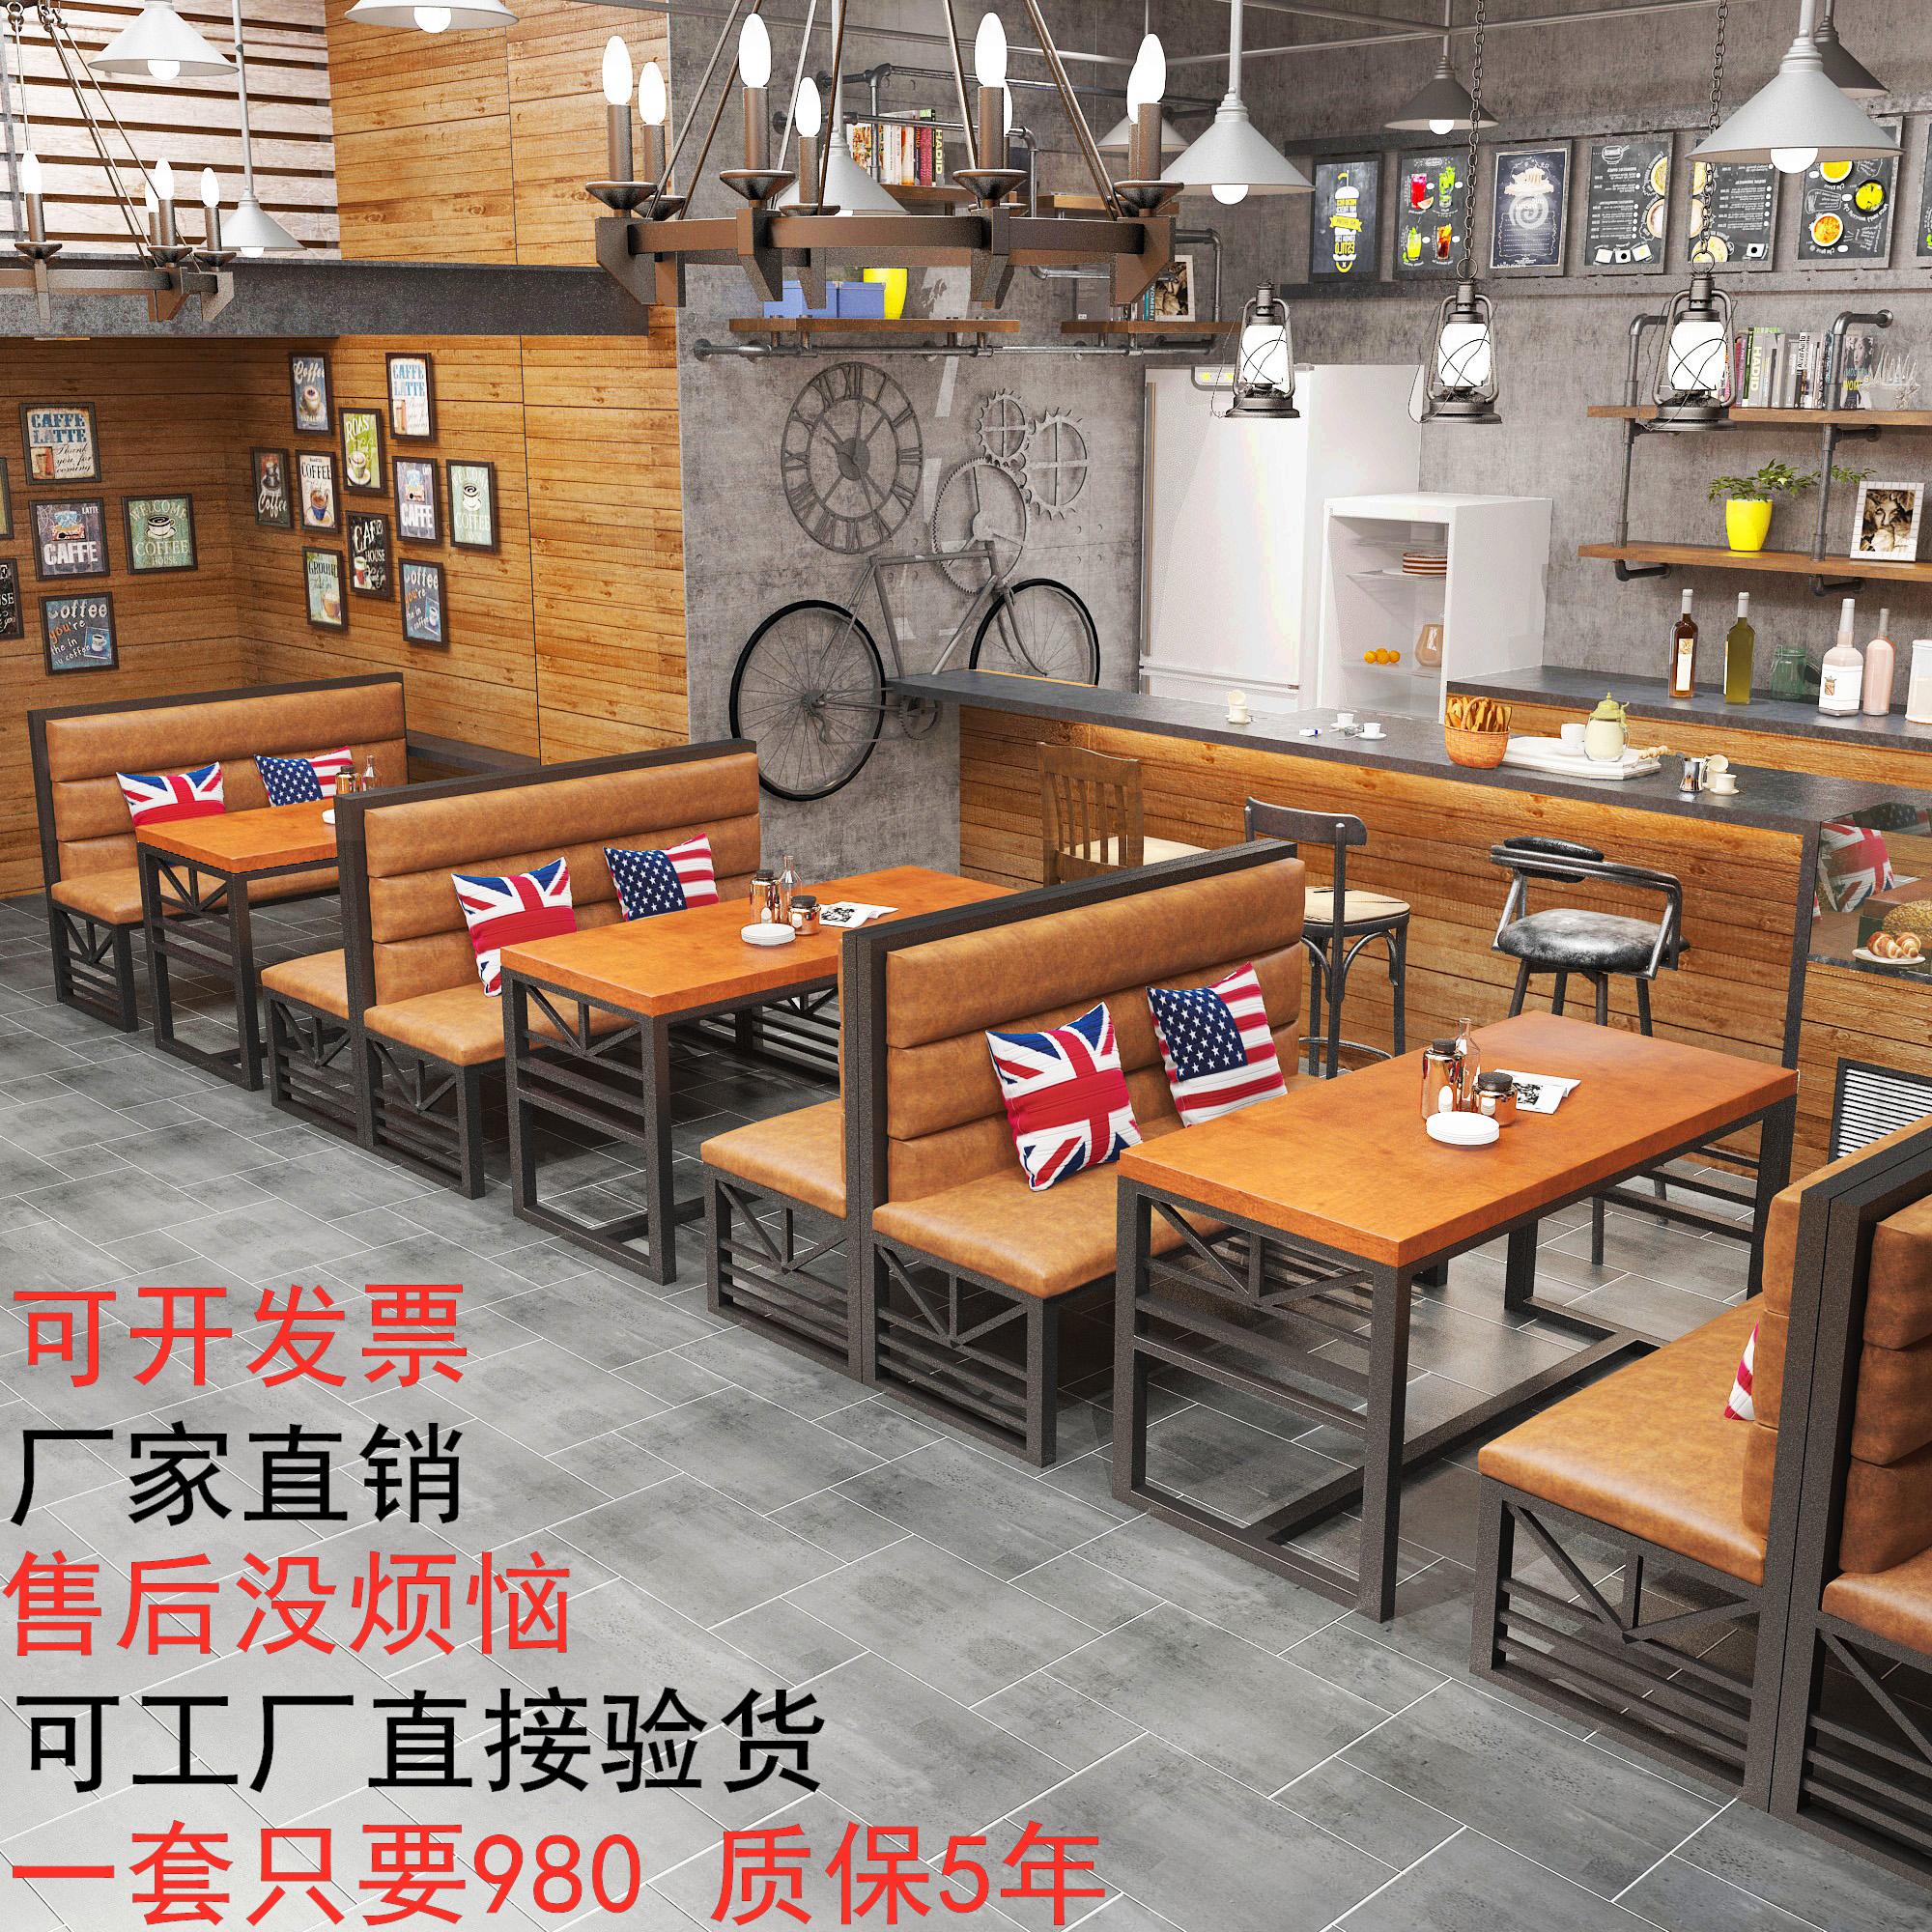 铁艺复古工业风卡座沙发清酒吧奶茶火锅烧烤肉店餐饮厅桌椅组合鑫